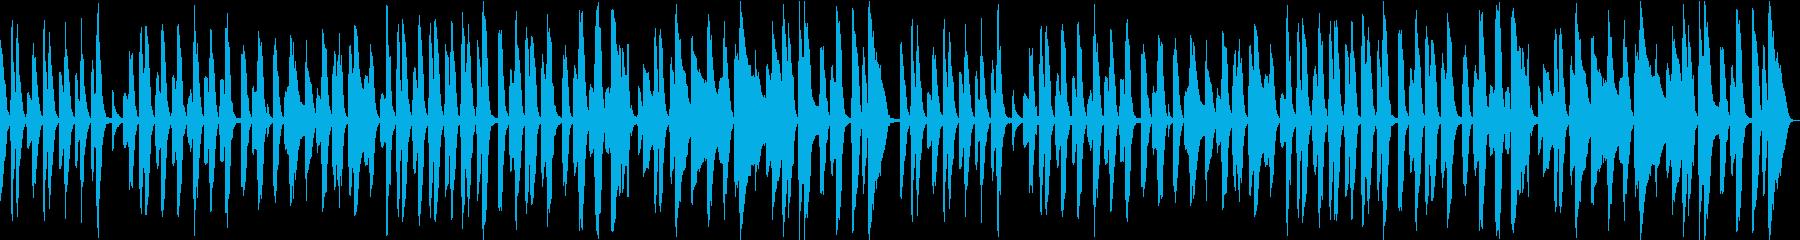 陽気なポップス、60秒。企業VP/CMにの再生済みの波形